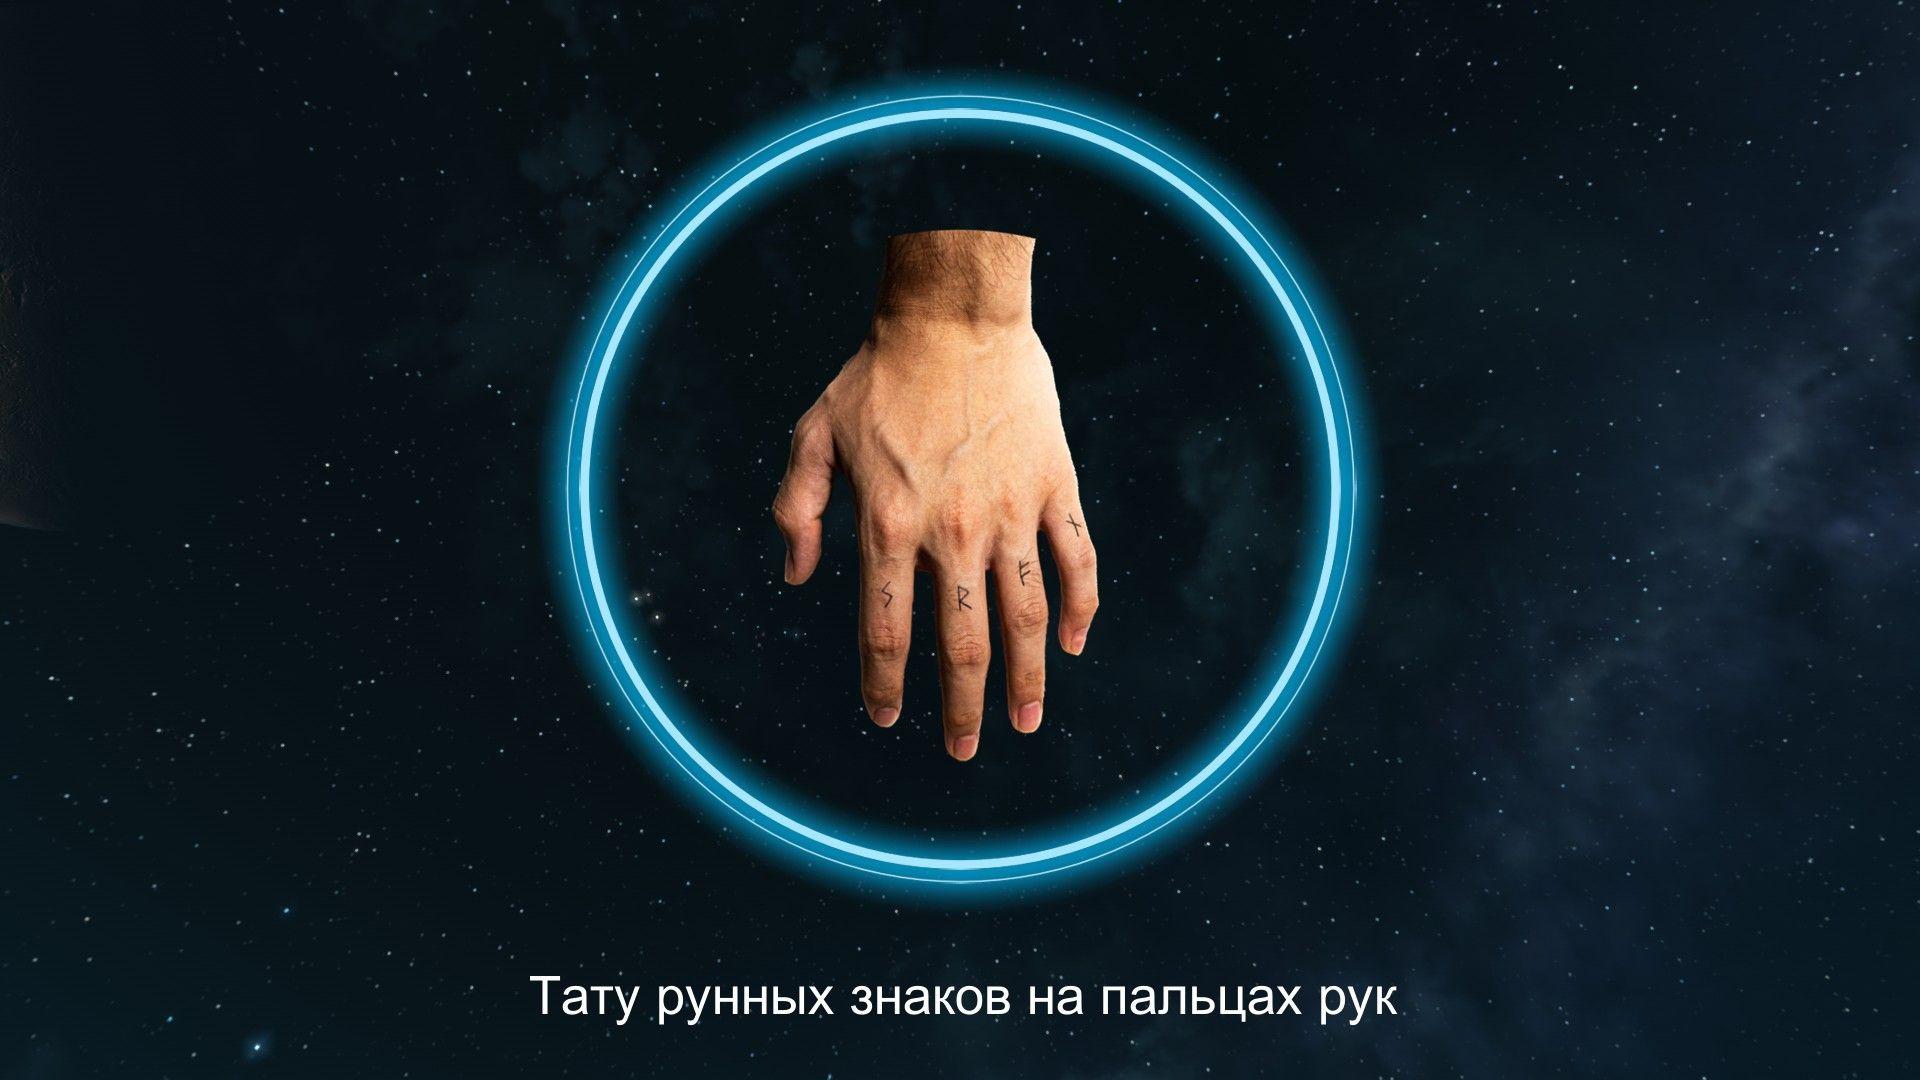 Тату рунных знаков на пальцах рук